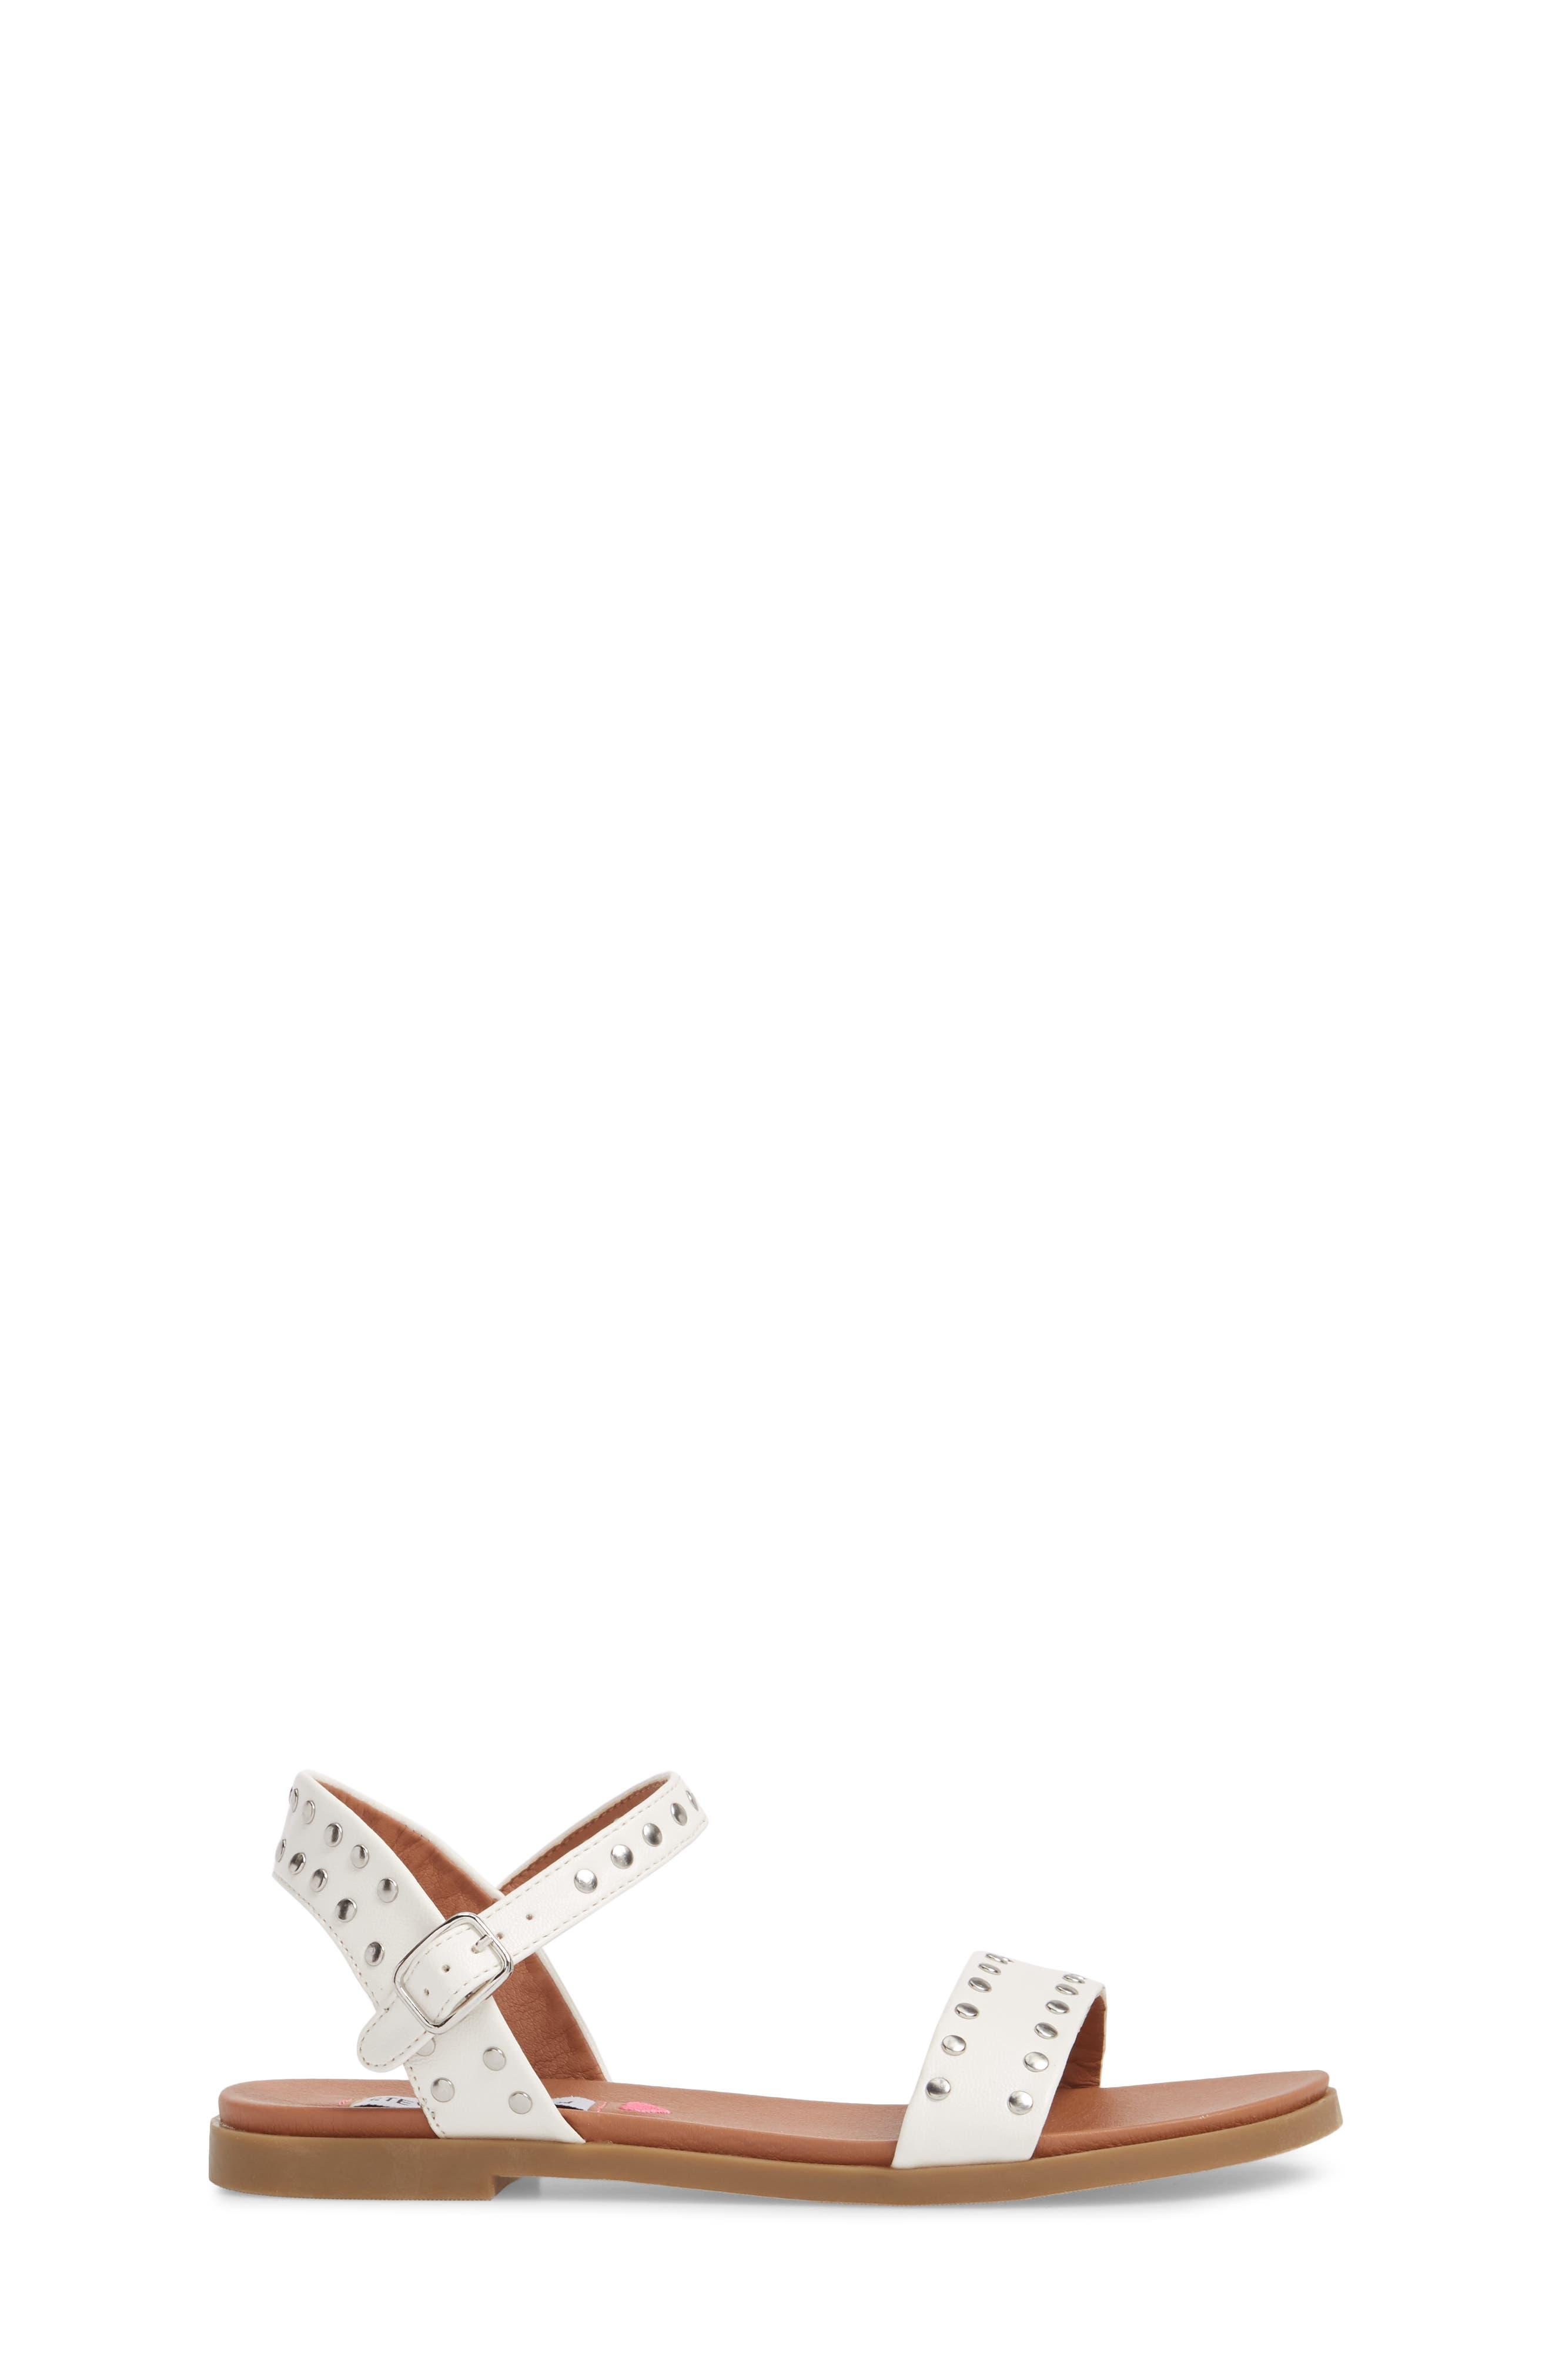 STEVE MADDEN, JDONDI Studded Sandal, Alternate thumbnail 3, color, 100